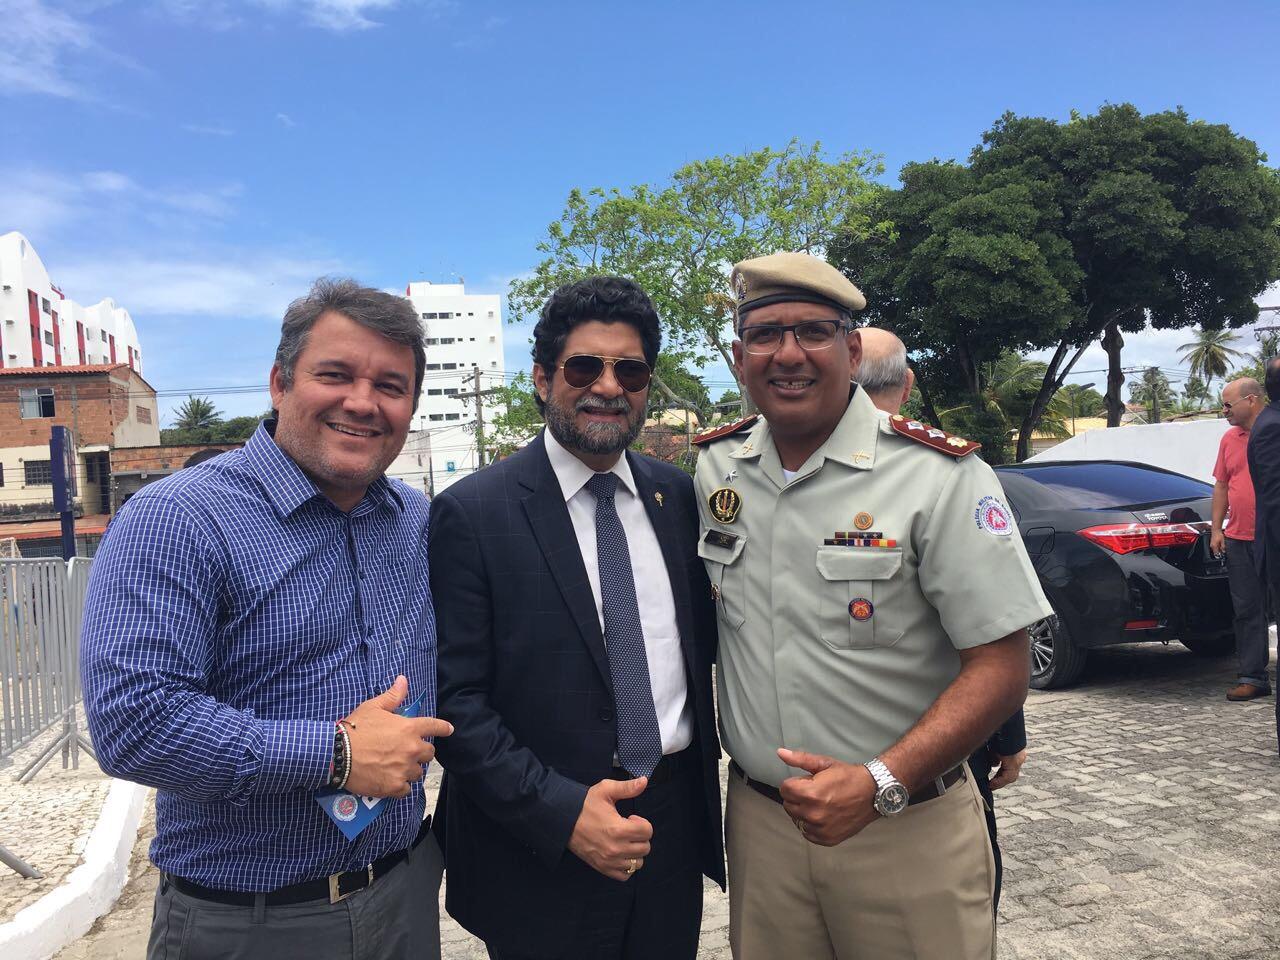 Secretário Mauro Cardim e Major Fabricio Silva receberão título de cidadão laurofreitense